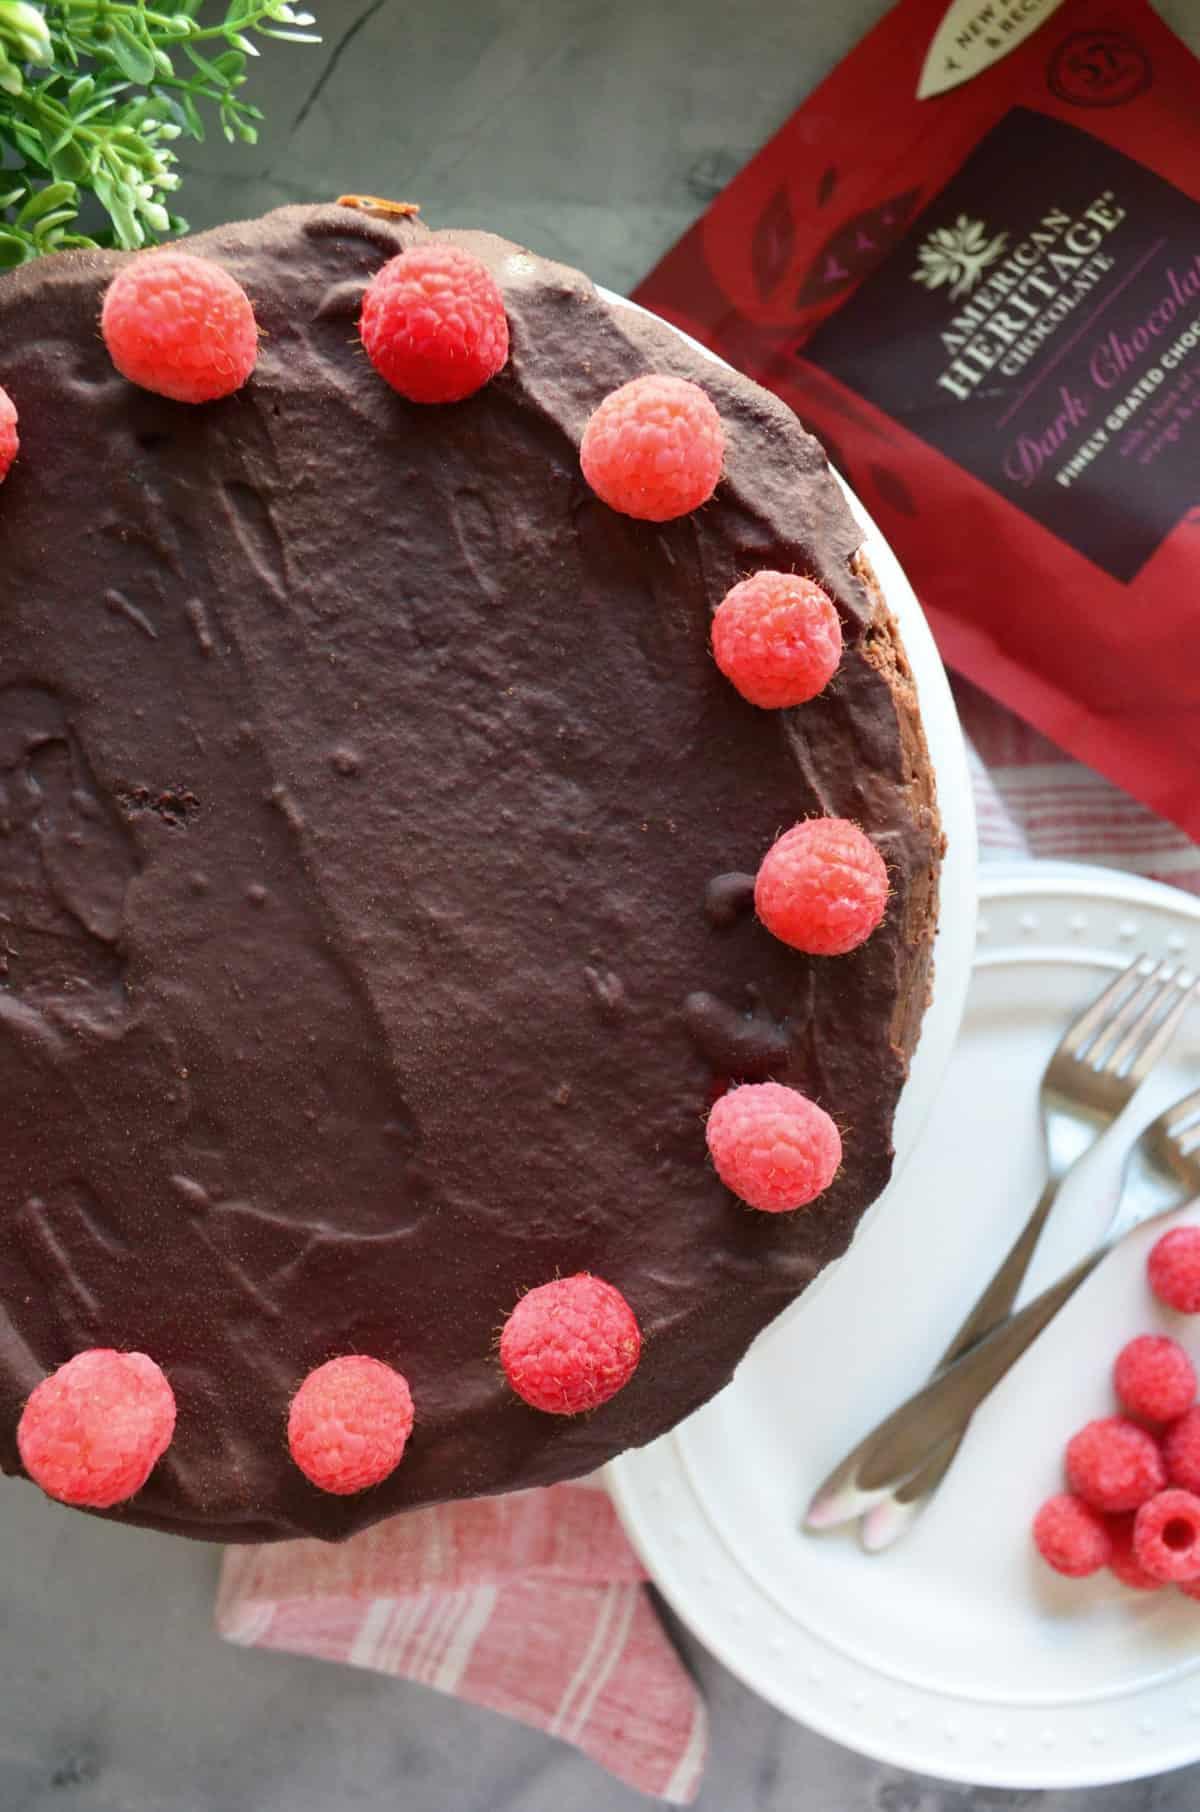 Dark Chocolate Cheesecake using AMERICAN HERITAGE CHOCOLATE